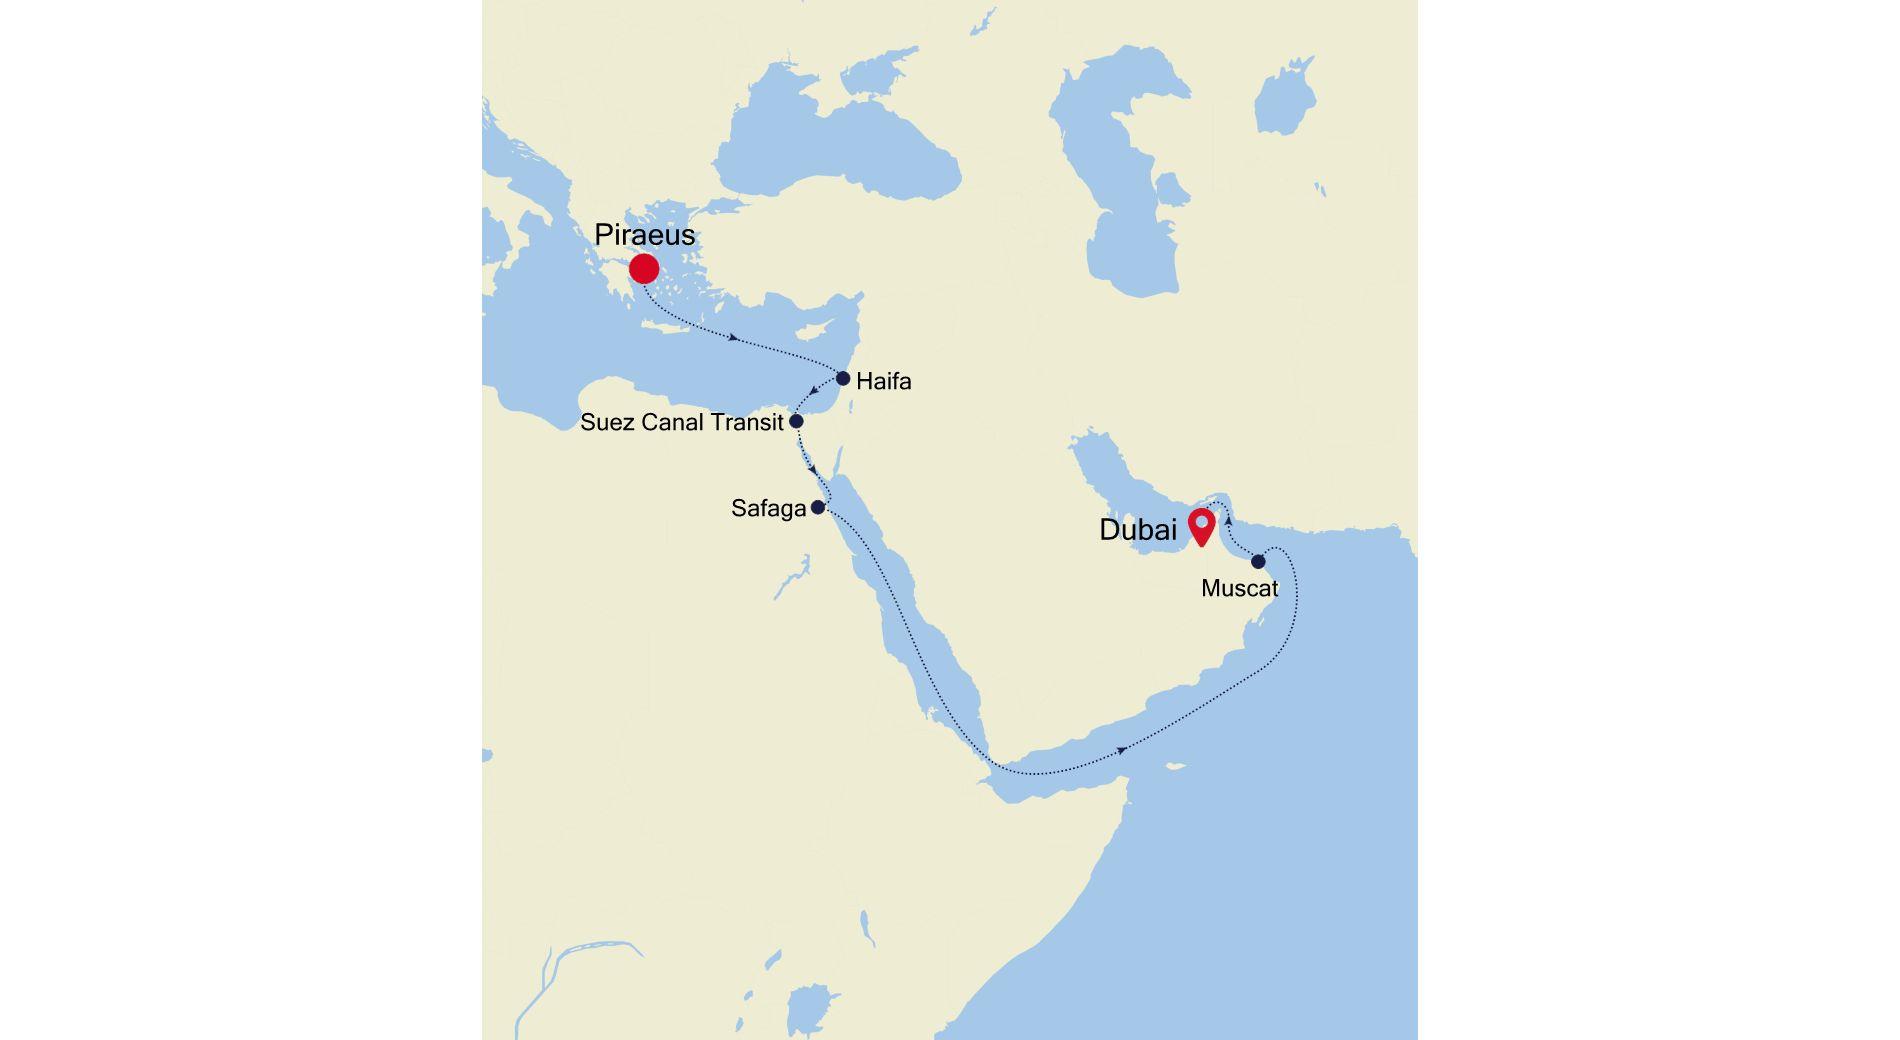 MO211101016 - Athens to Dubai